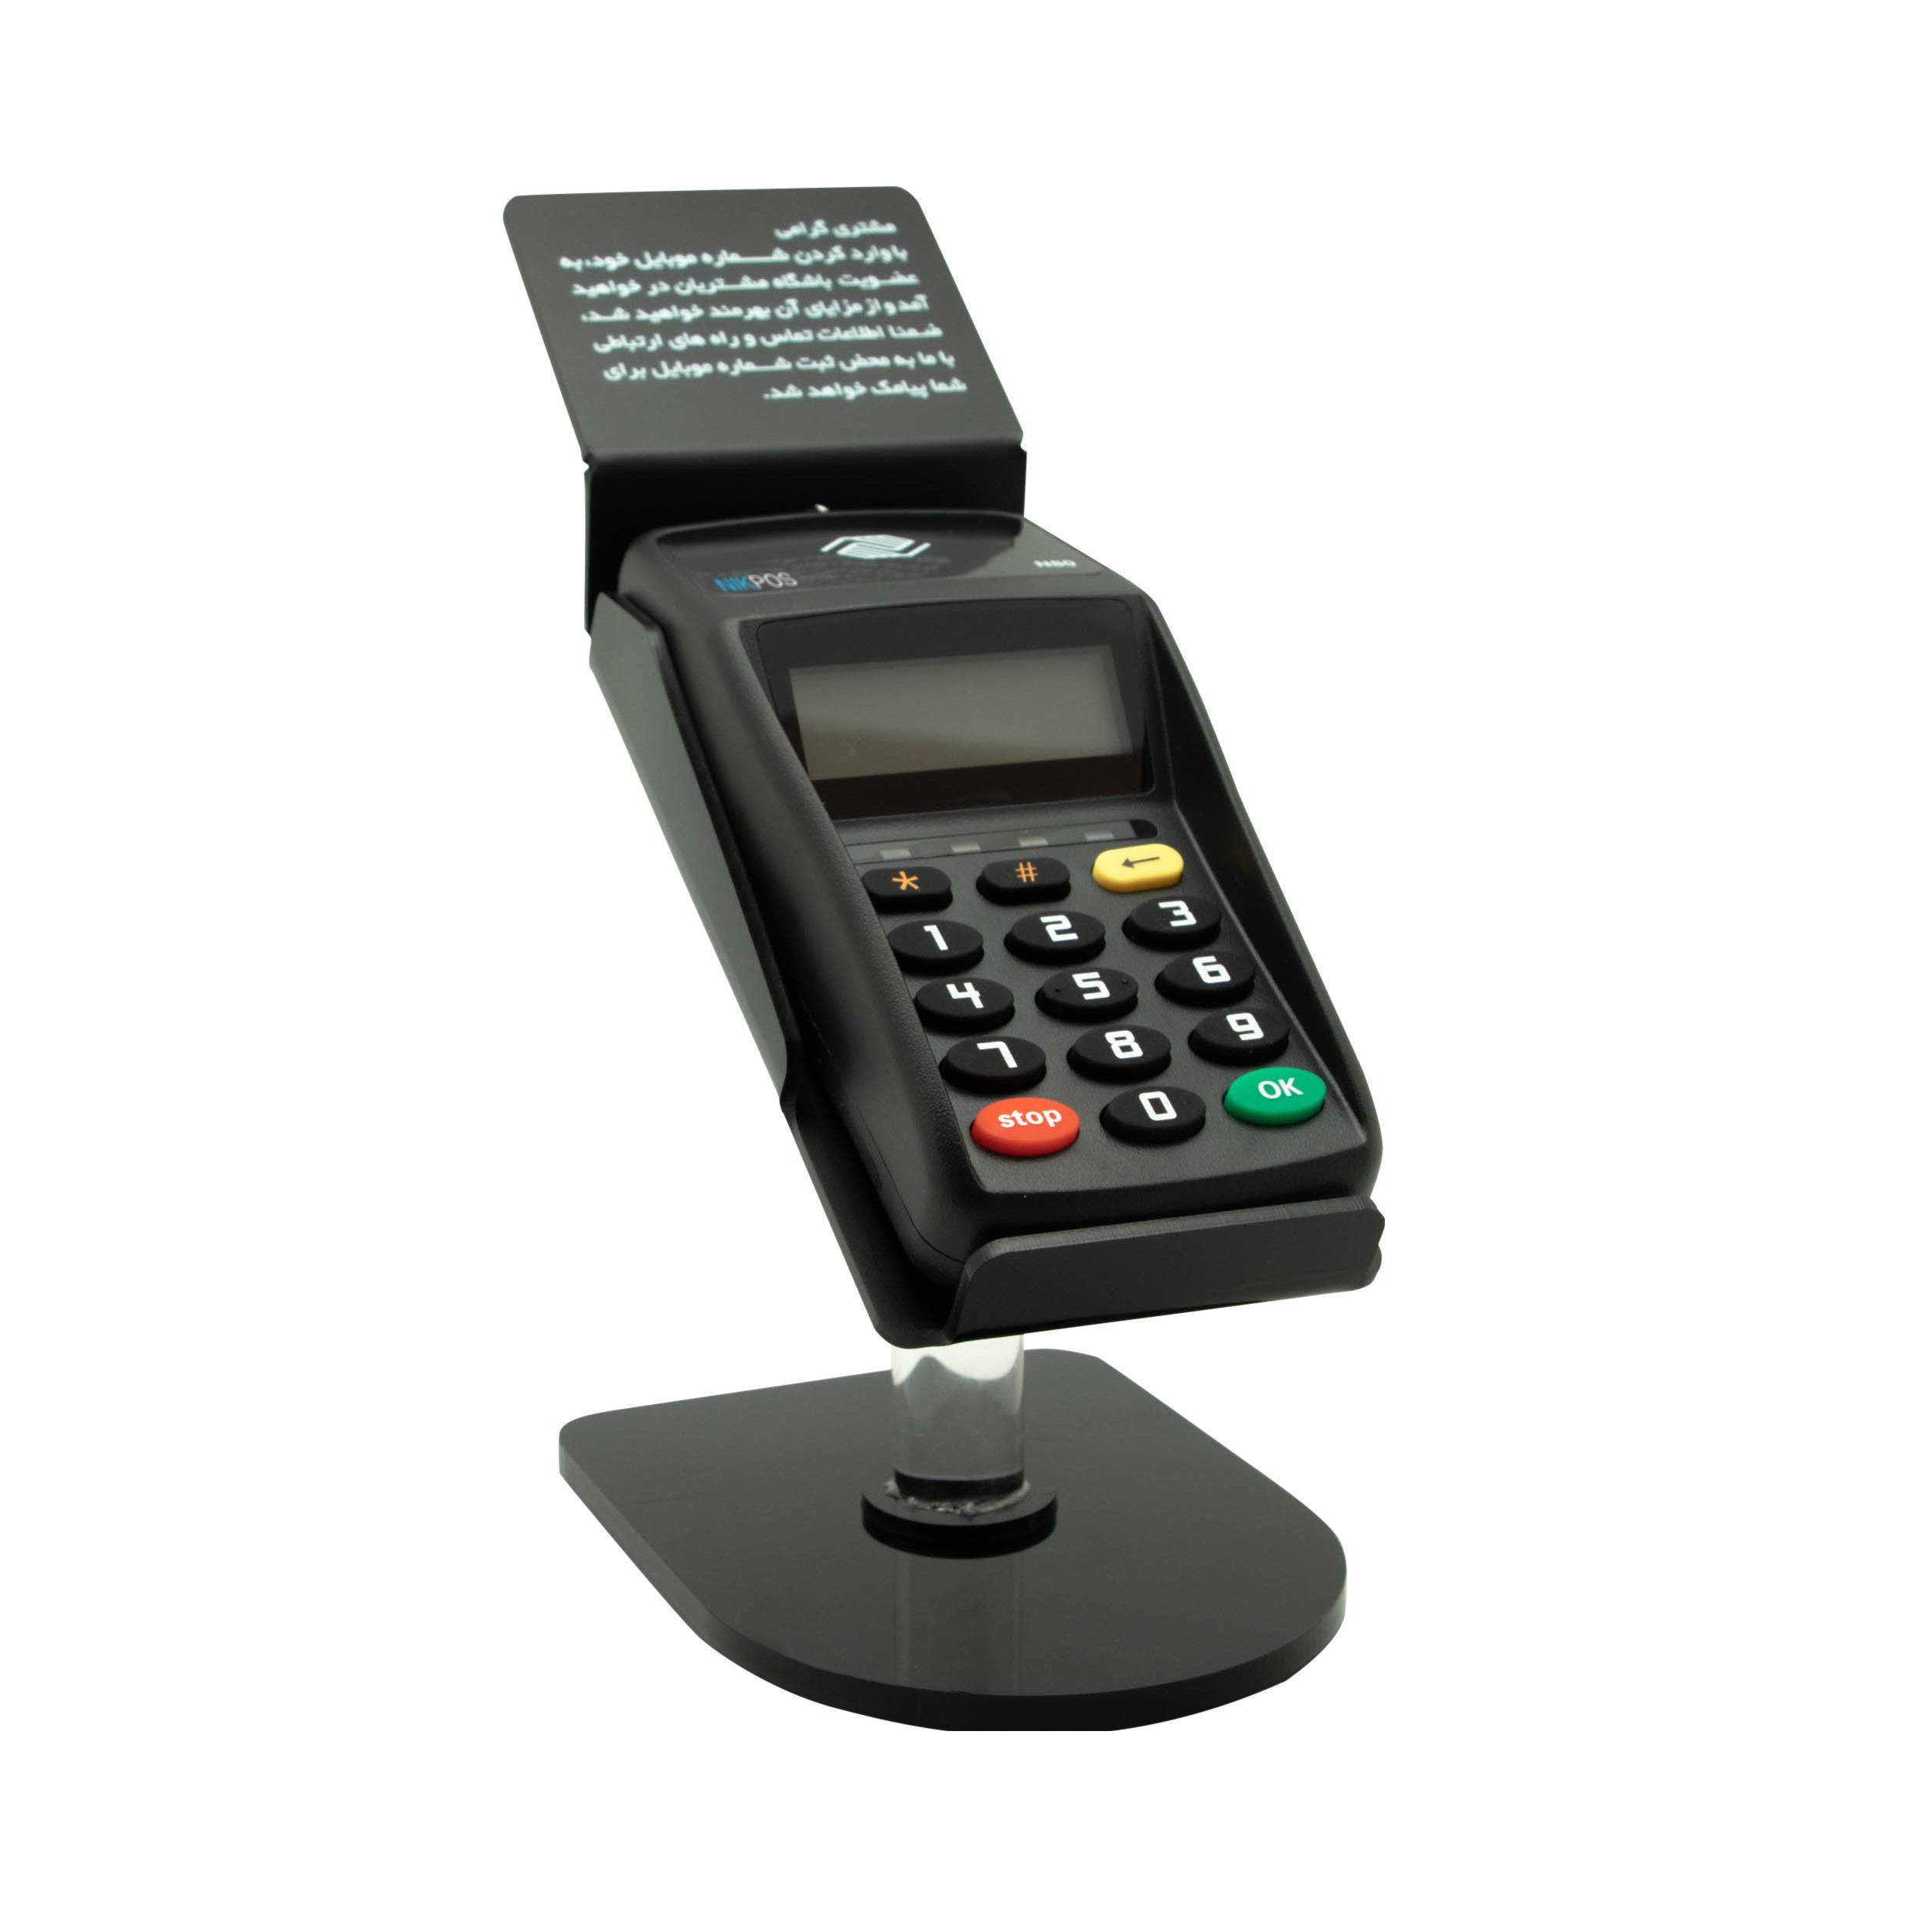 دستگاه ذخیره ساز شماره تماس مشتریان نیک پوز مدل N80 به همراه پایه نگهدارنده